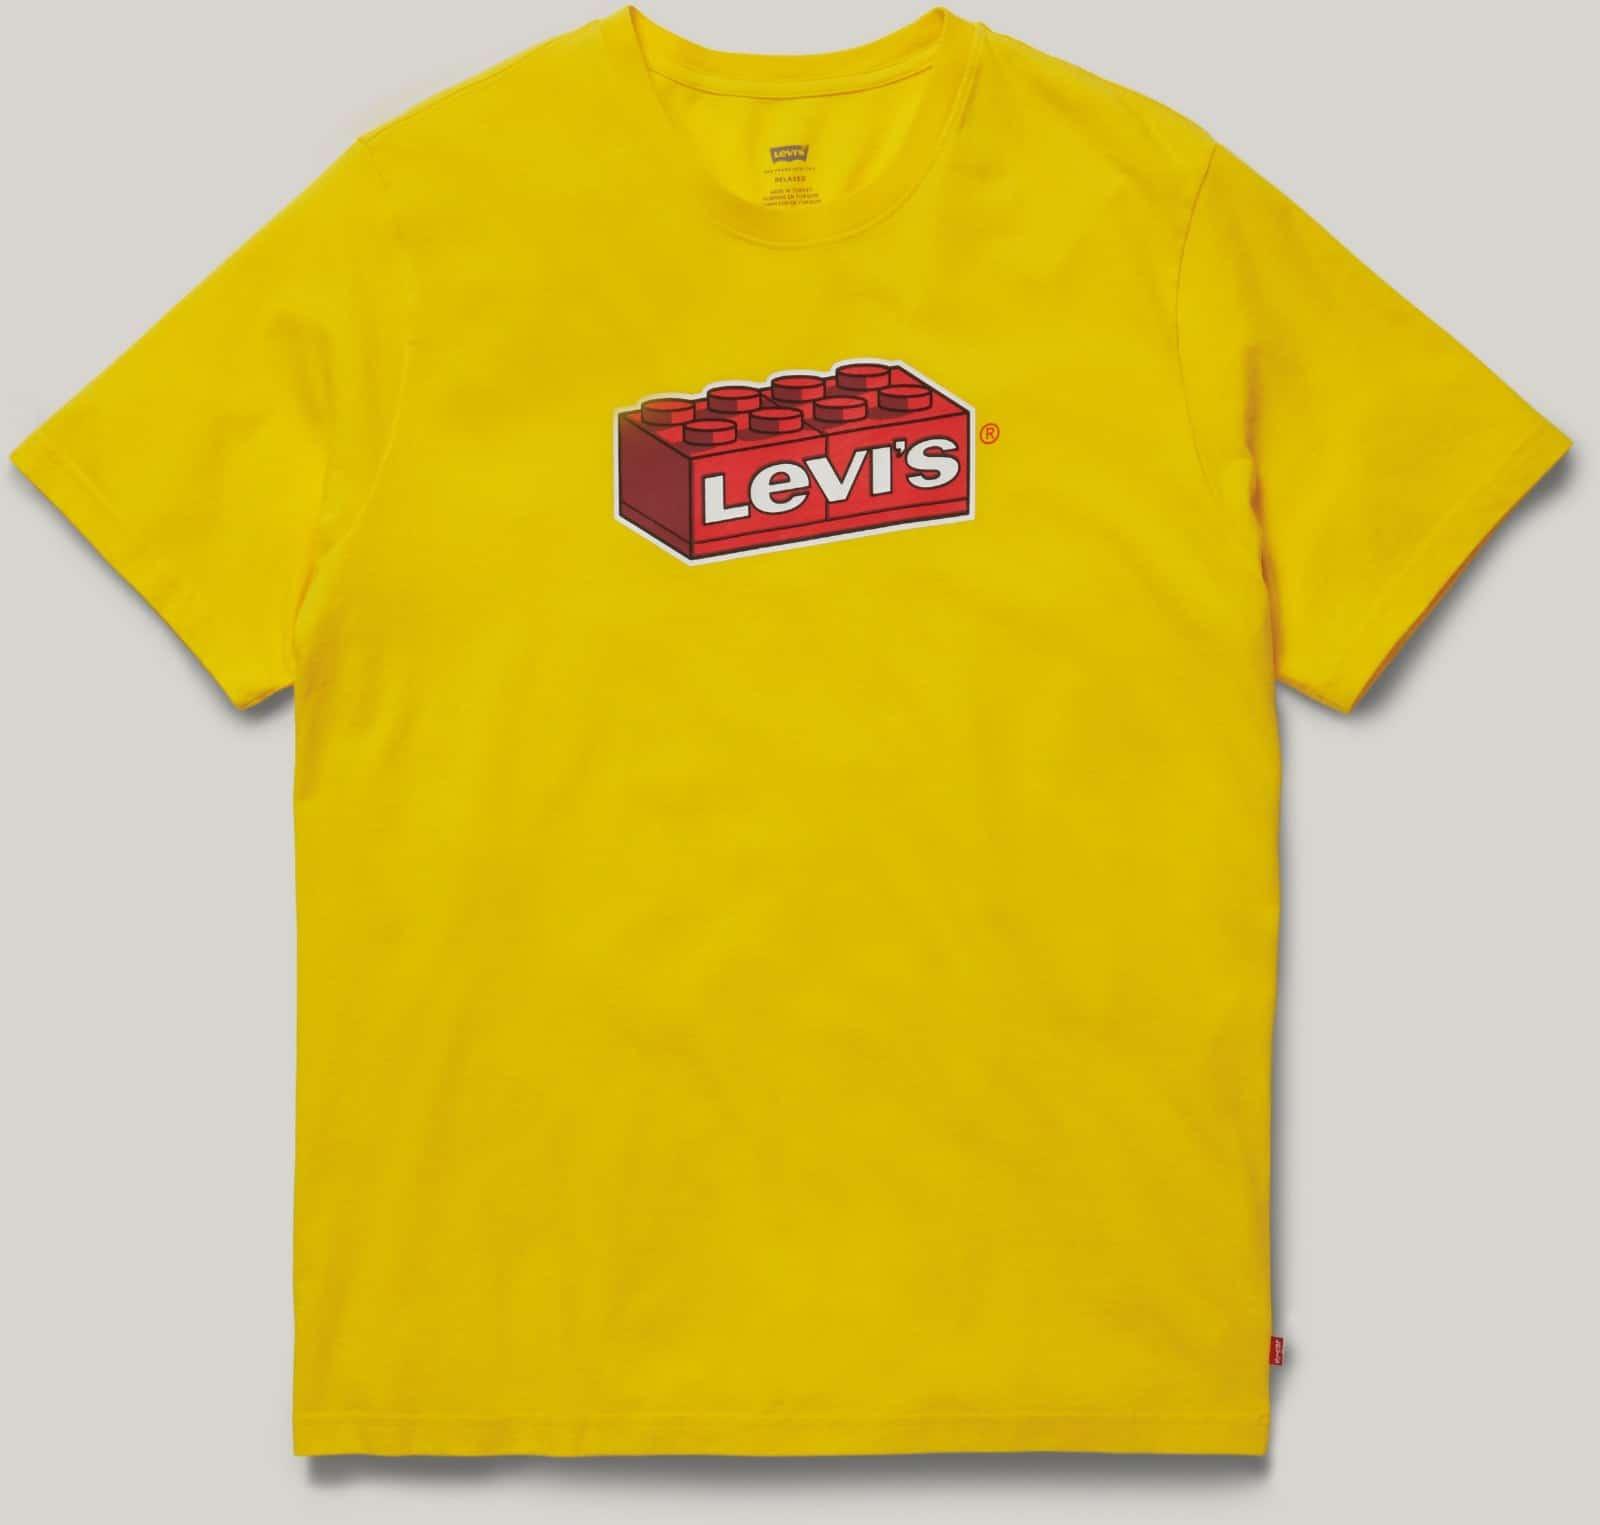 LEGO X Levis Kollektion Dots (3)